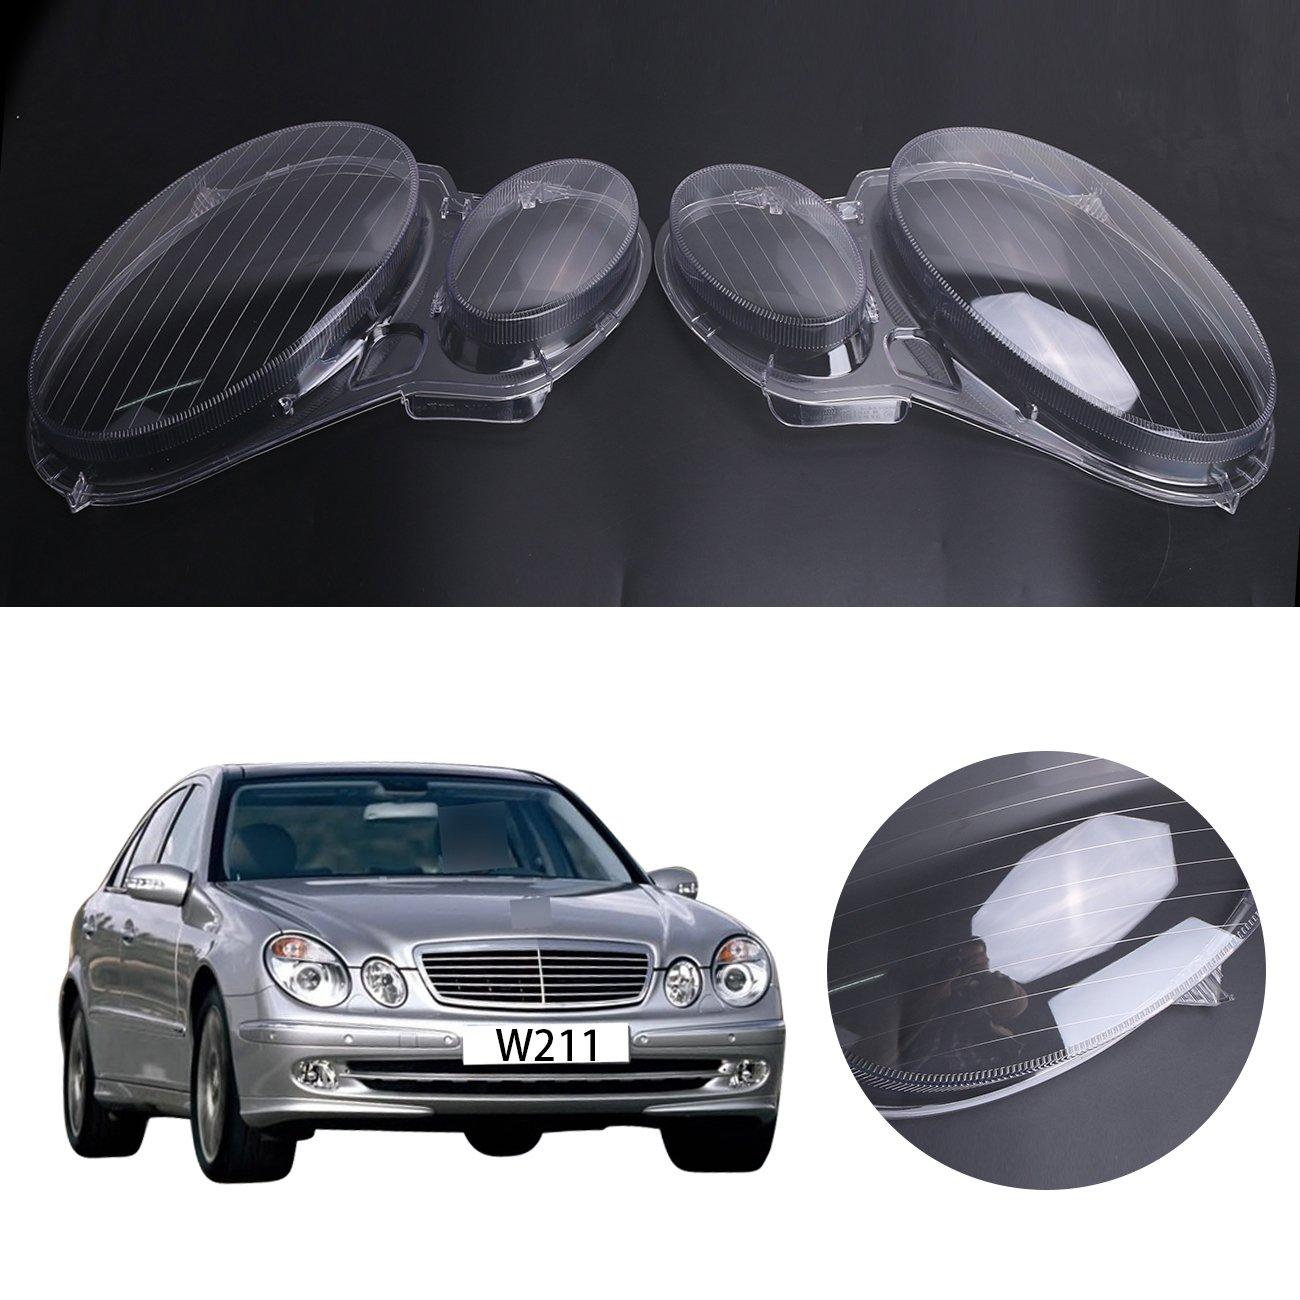 Benz W211 Fanale anteriore, Faro anteriore E320 E350 E280 E300 E500 E550 Plastica For Mercedes Benz E-CLASS W211 2006-2008